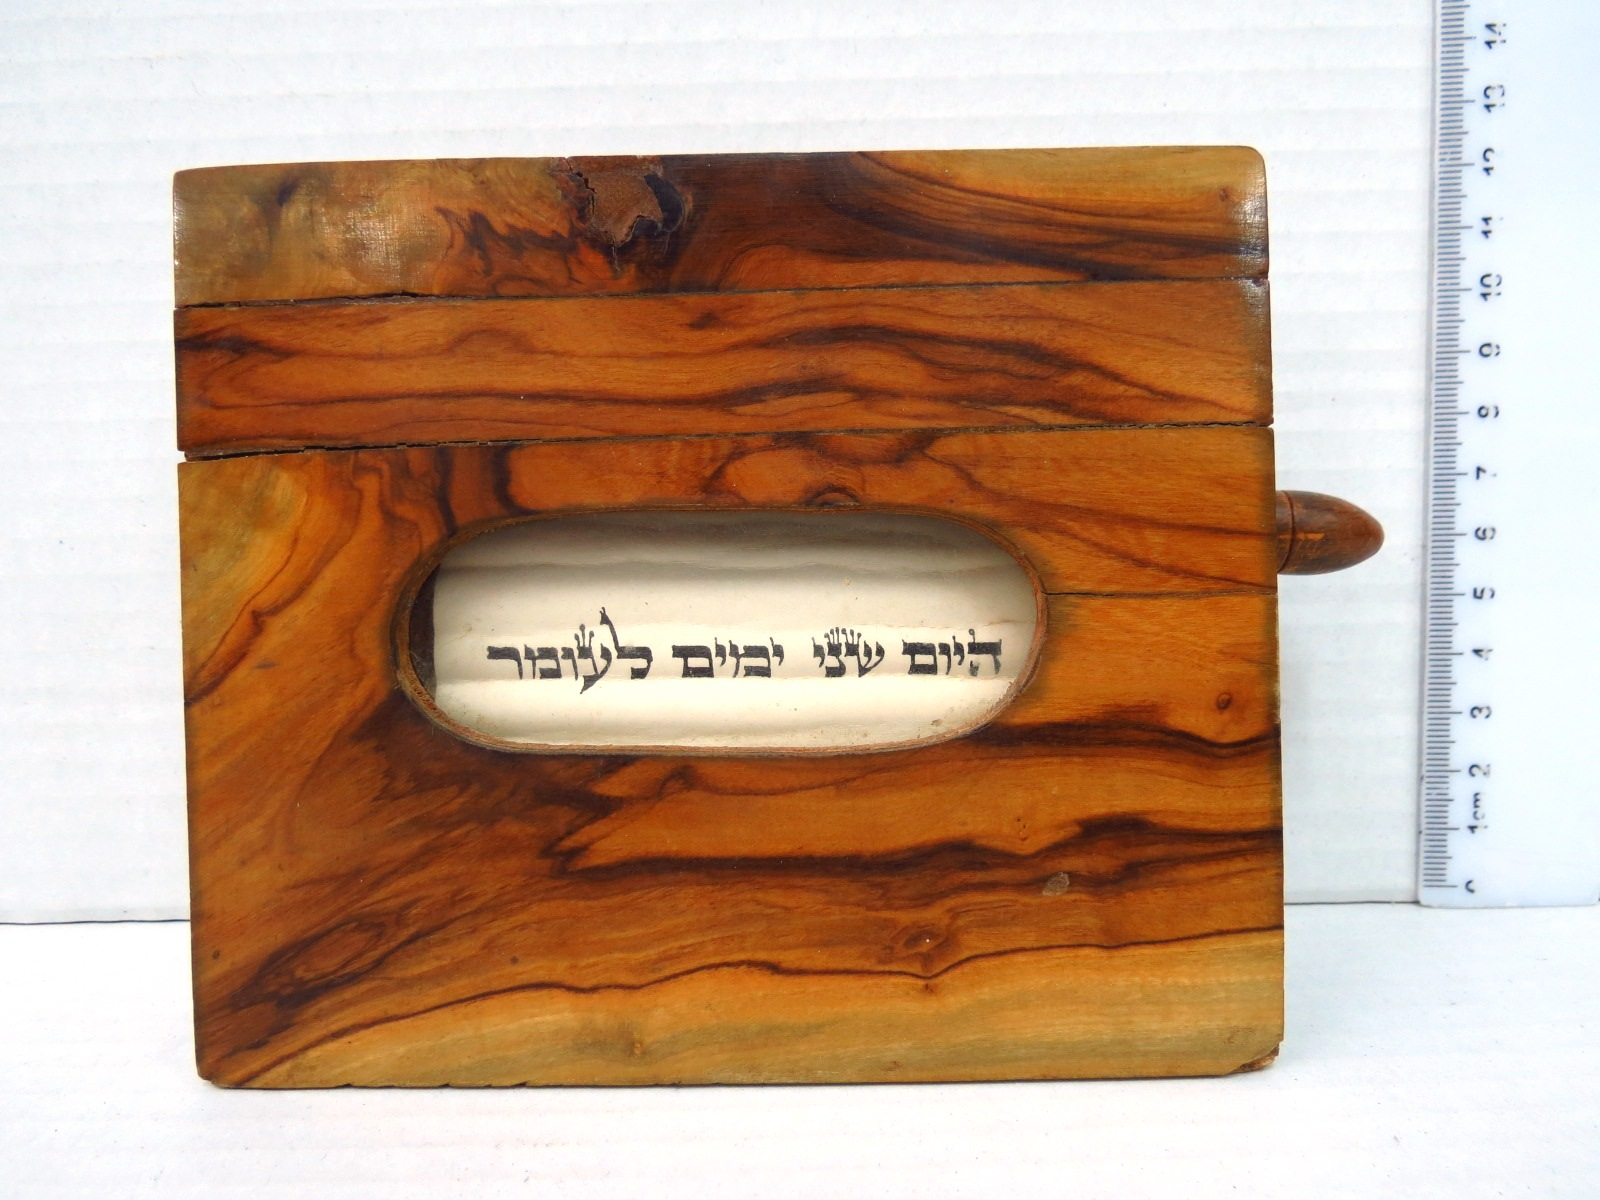 קופסת עץ זית עם מגילת קלף כתובה ביד, לספירת העומר